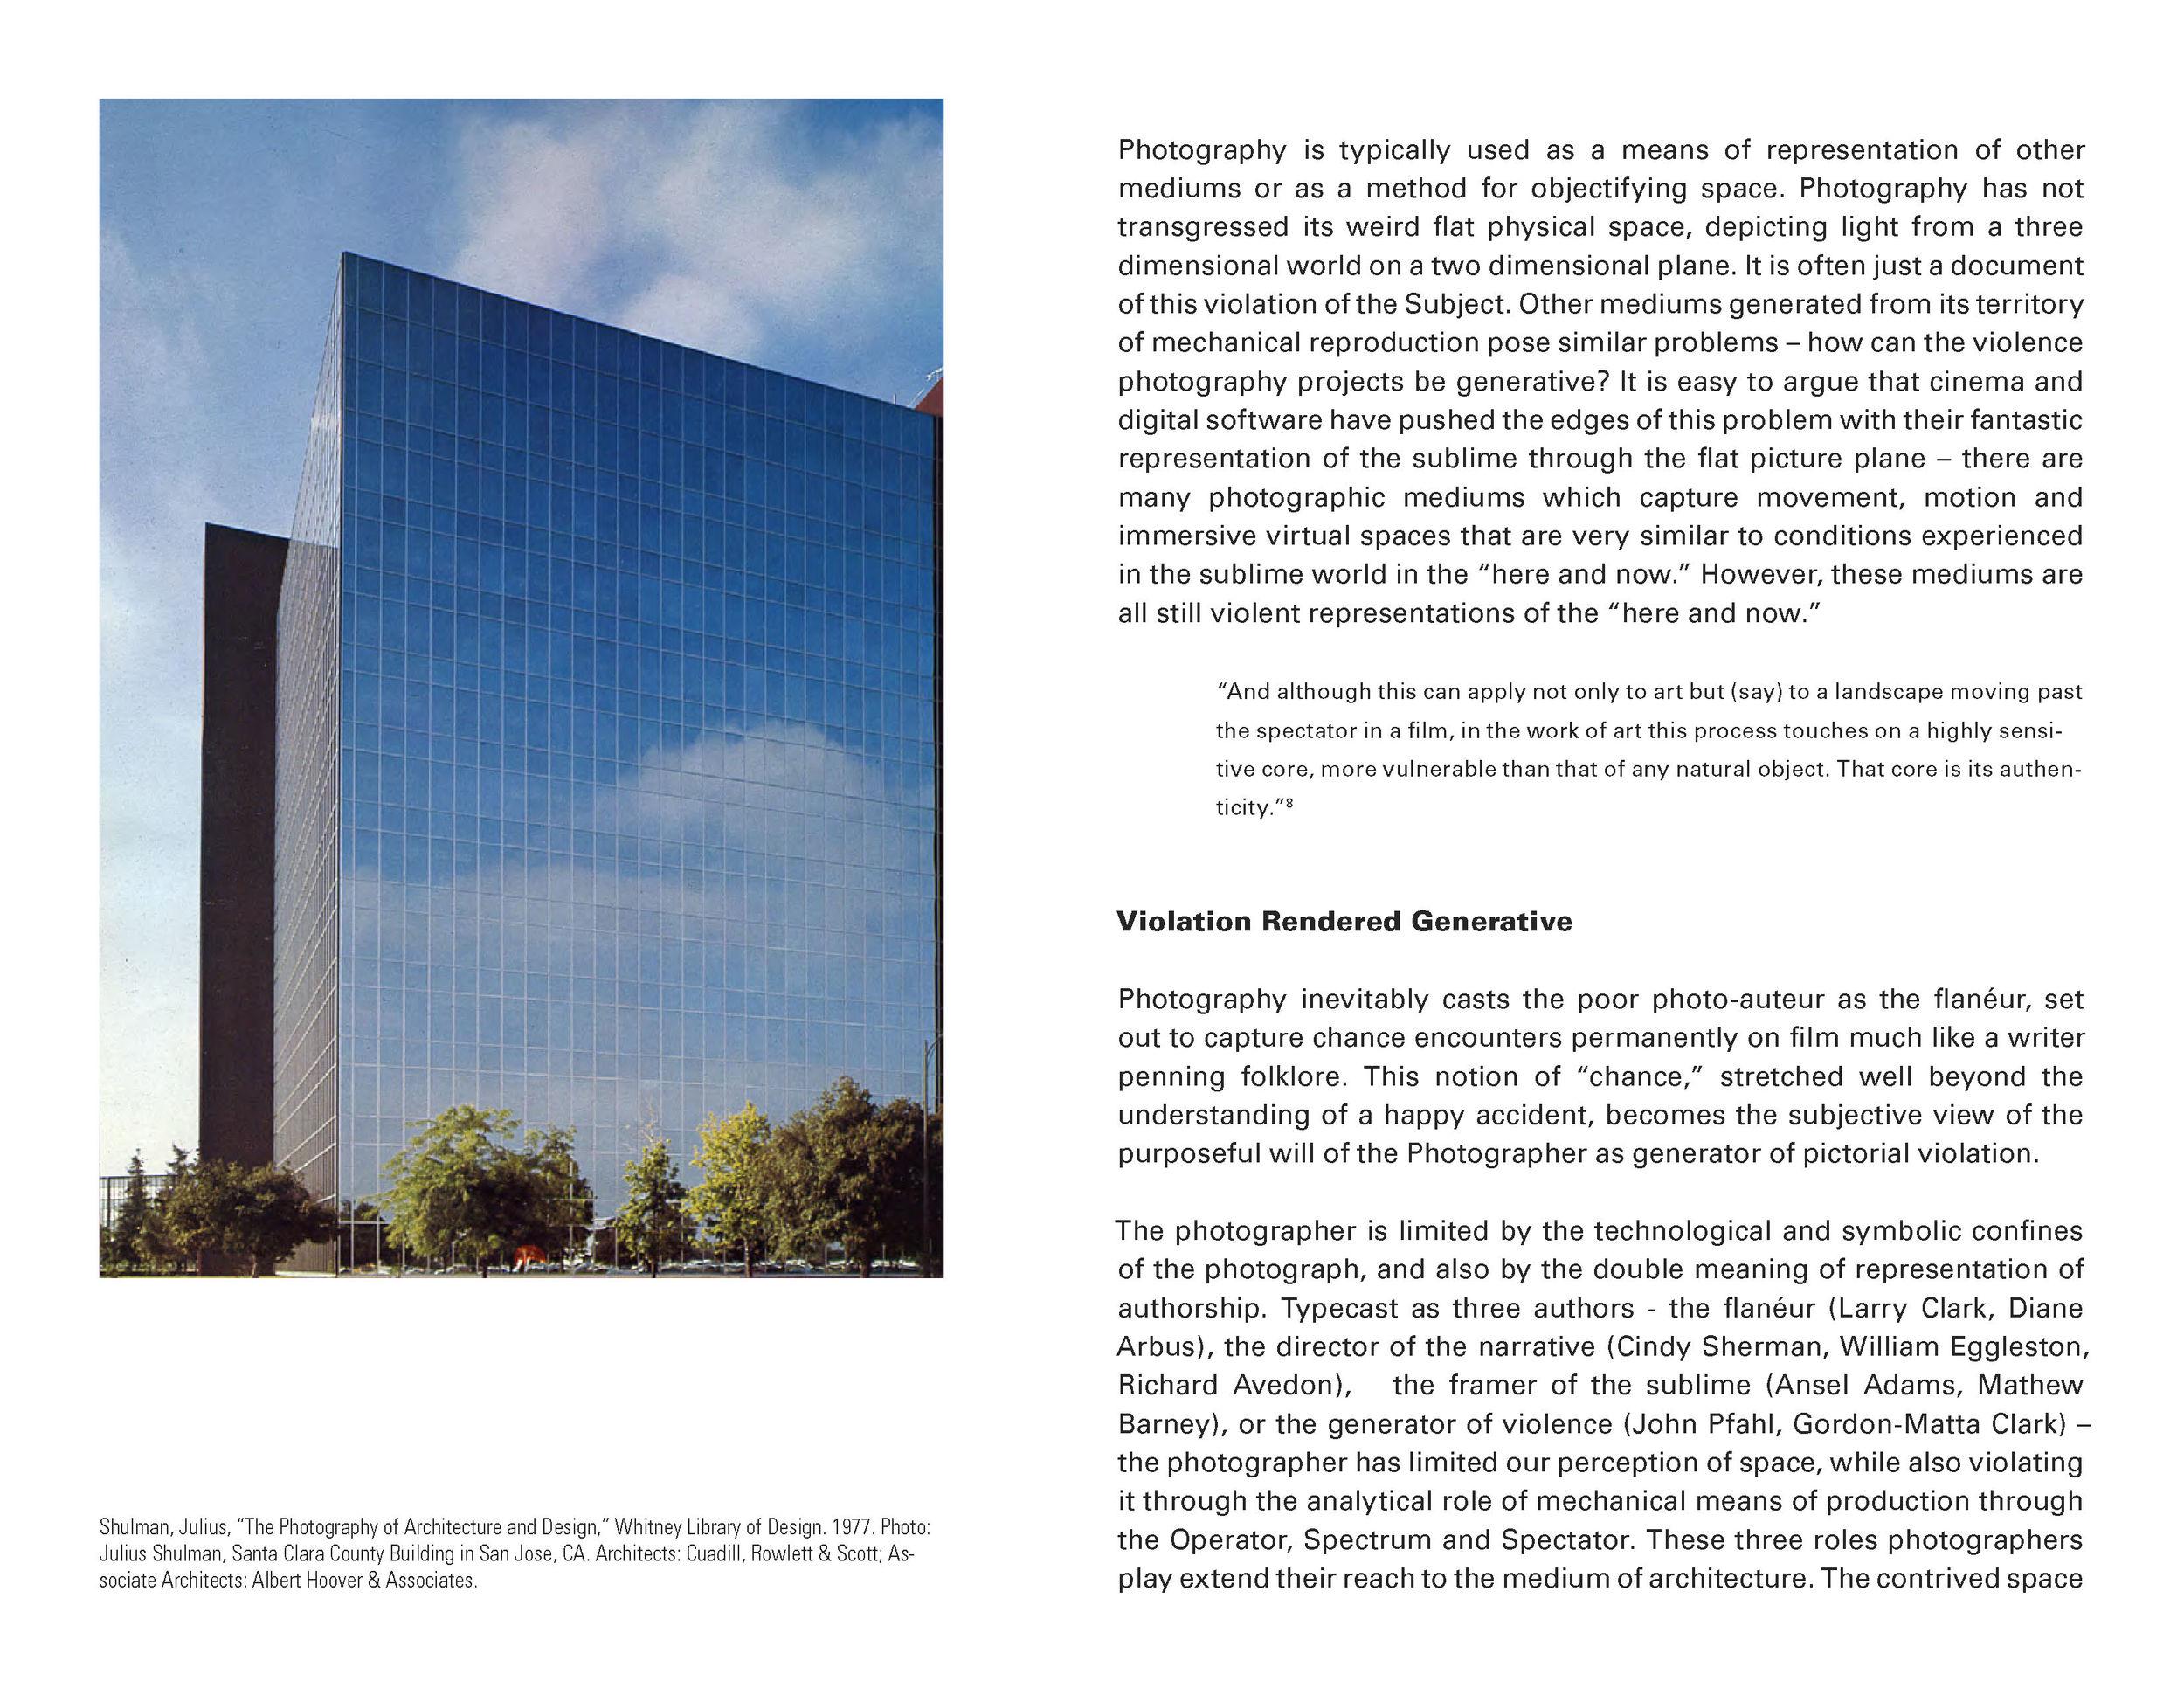 ViolenceUponSpaceMArchBook_Page_11.jpg